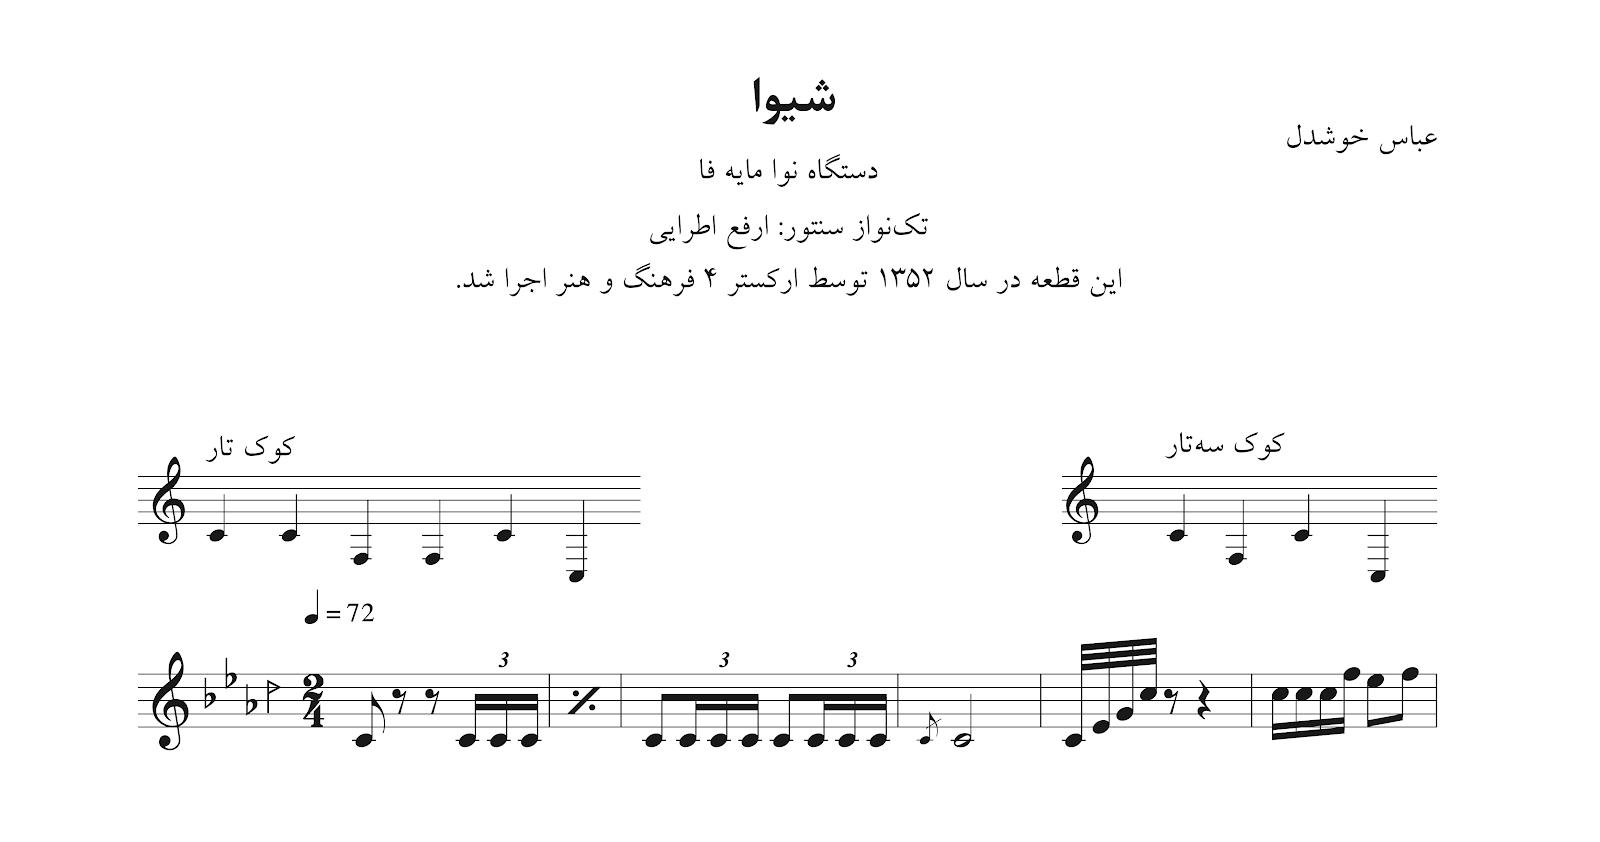 نت شیوا عباس خوشدل